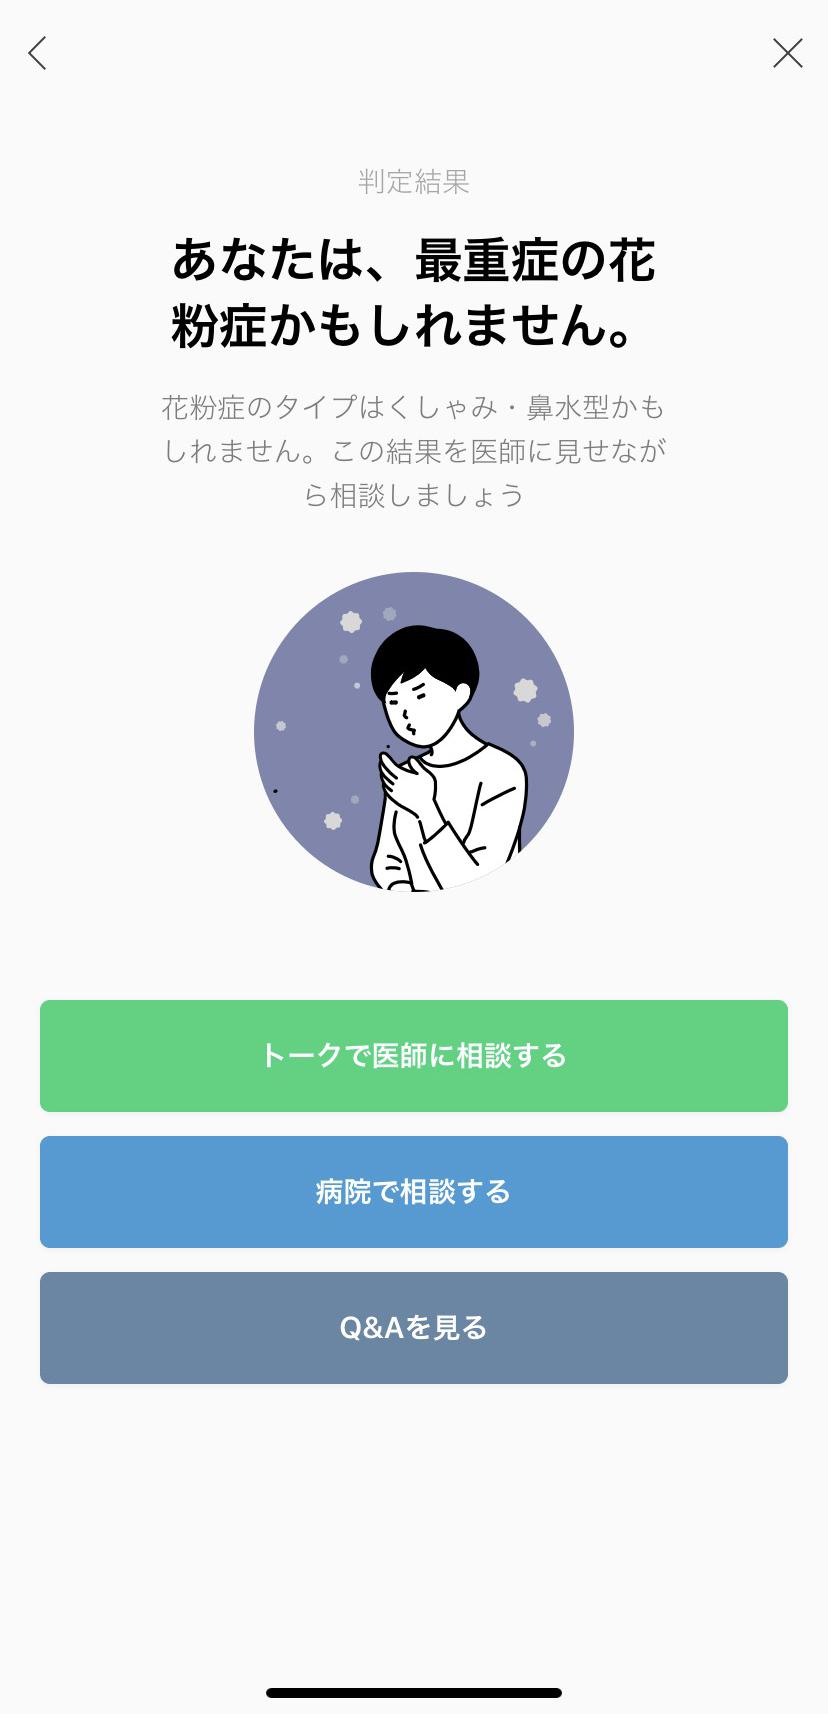 lhc_OA_03.jpg